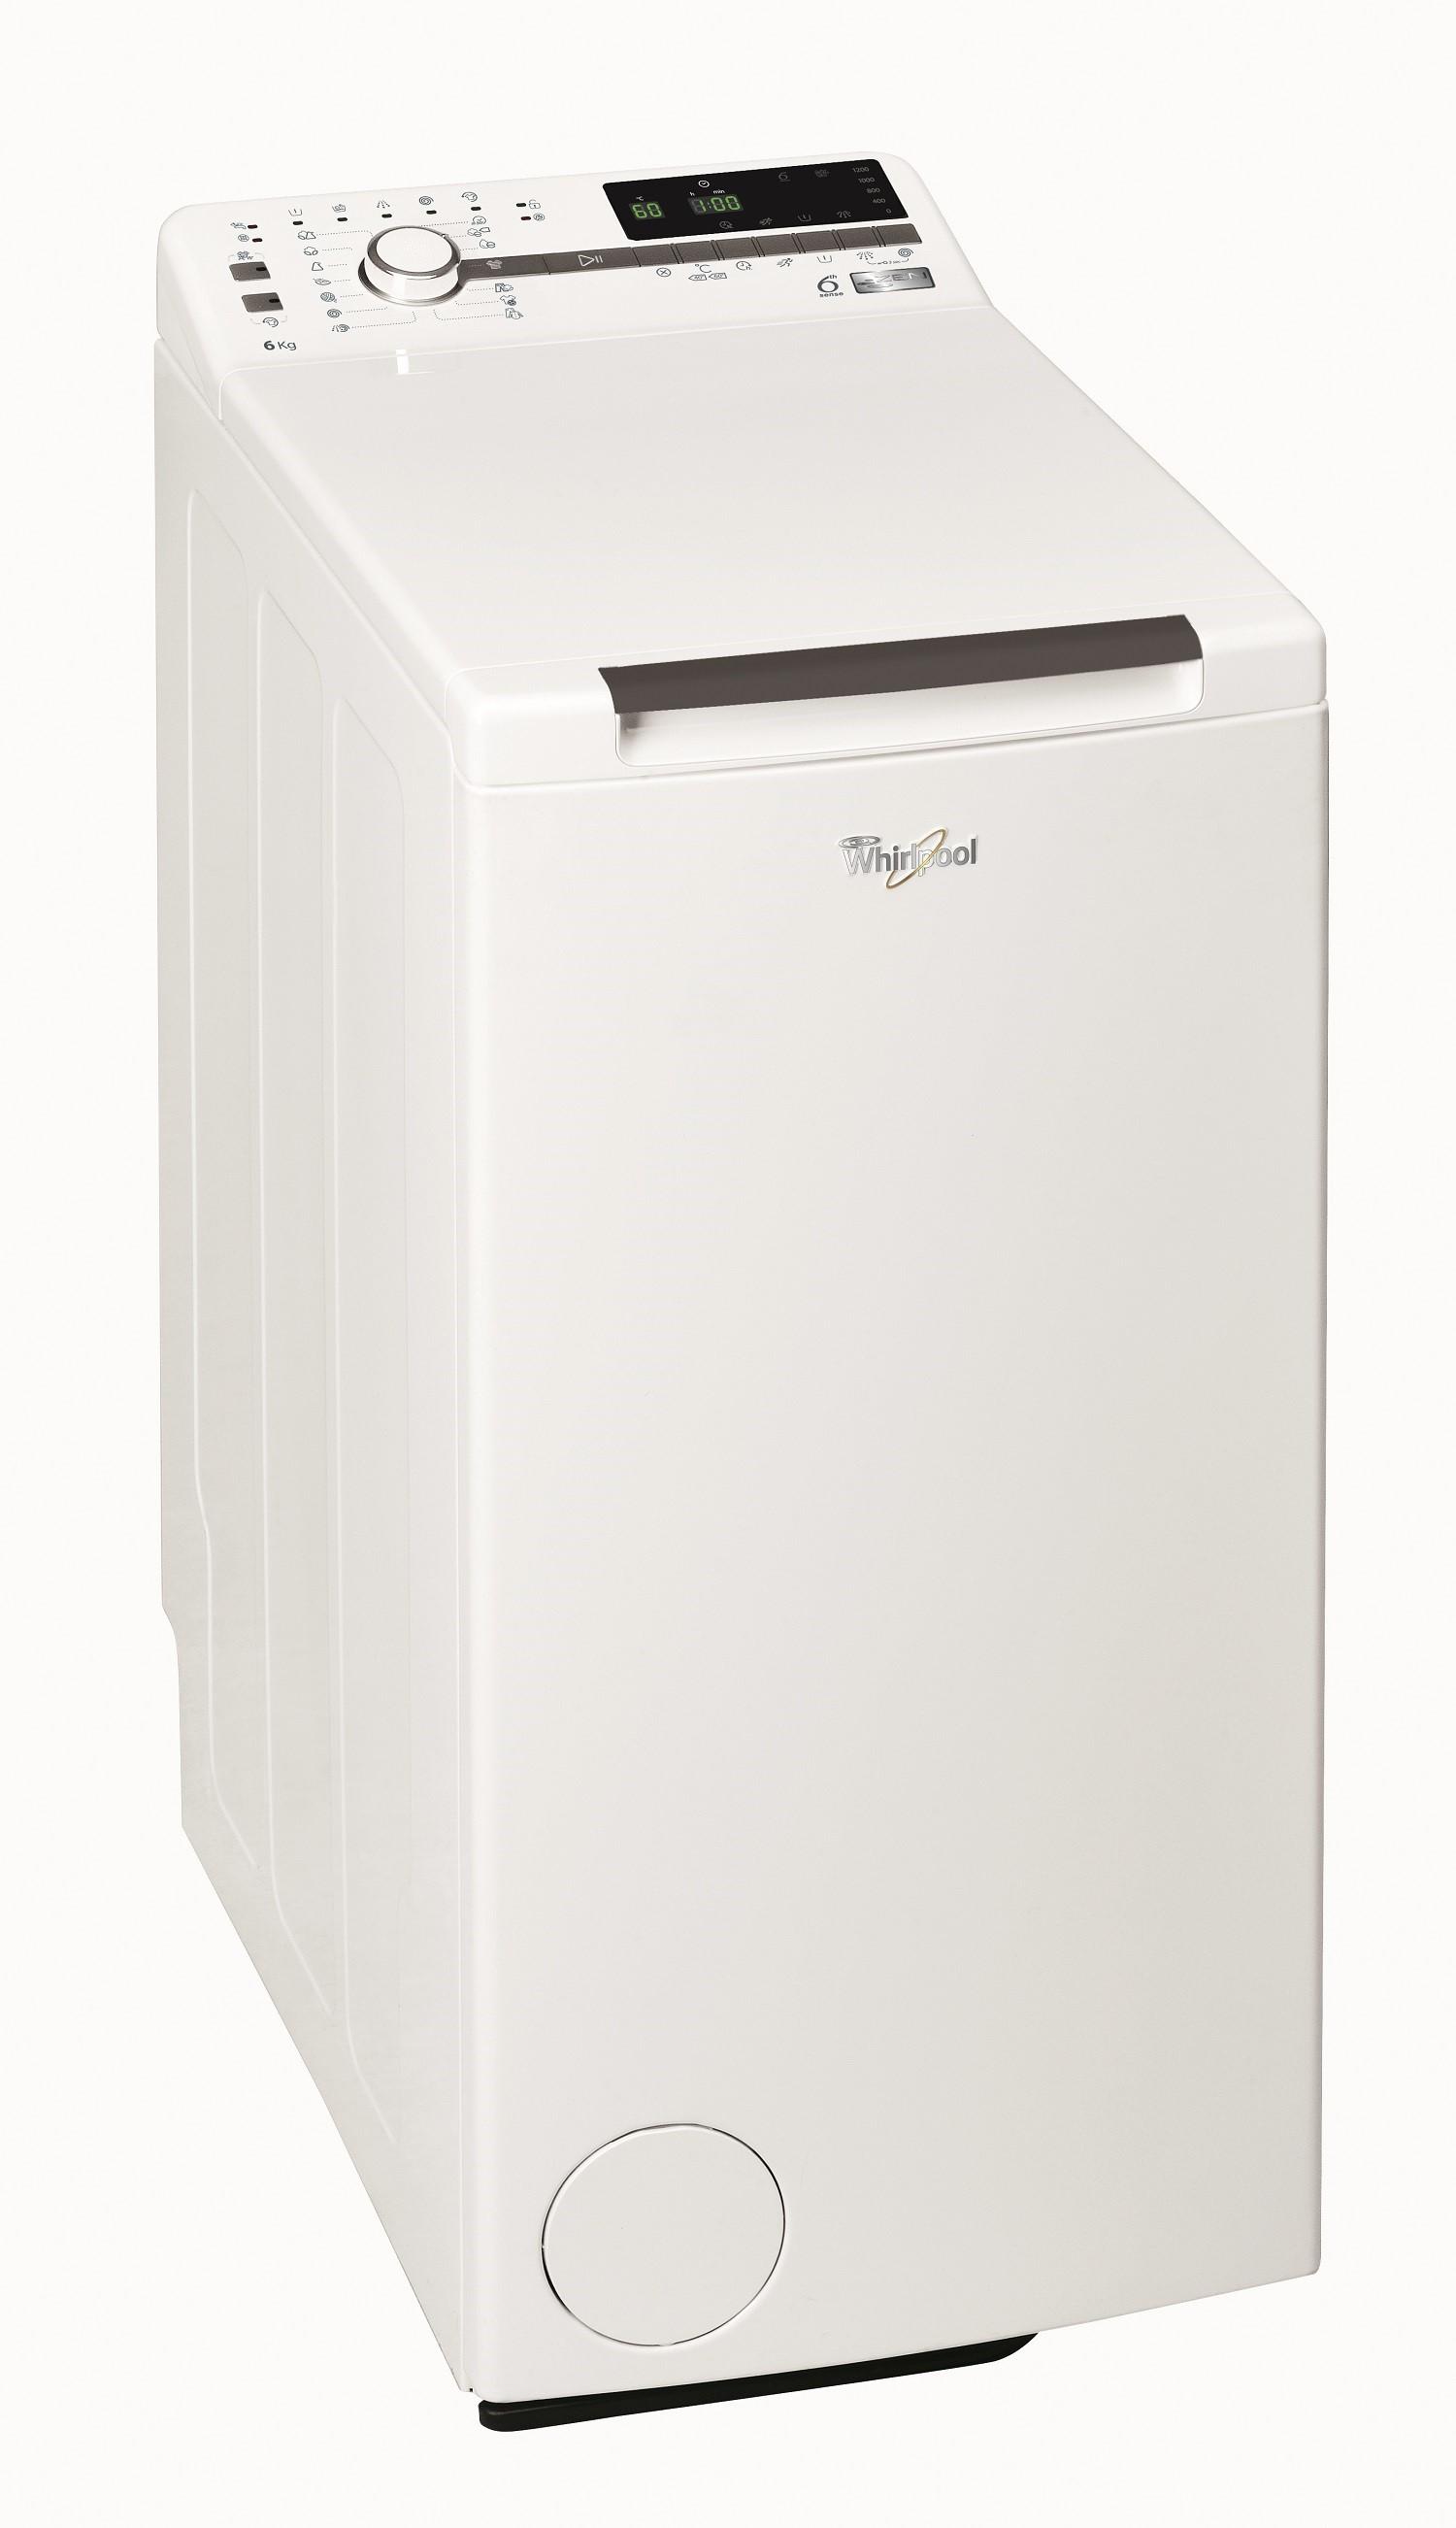 Prodej pračky, ledničky, myčky Fagor, Whirlpool  2. jakosti